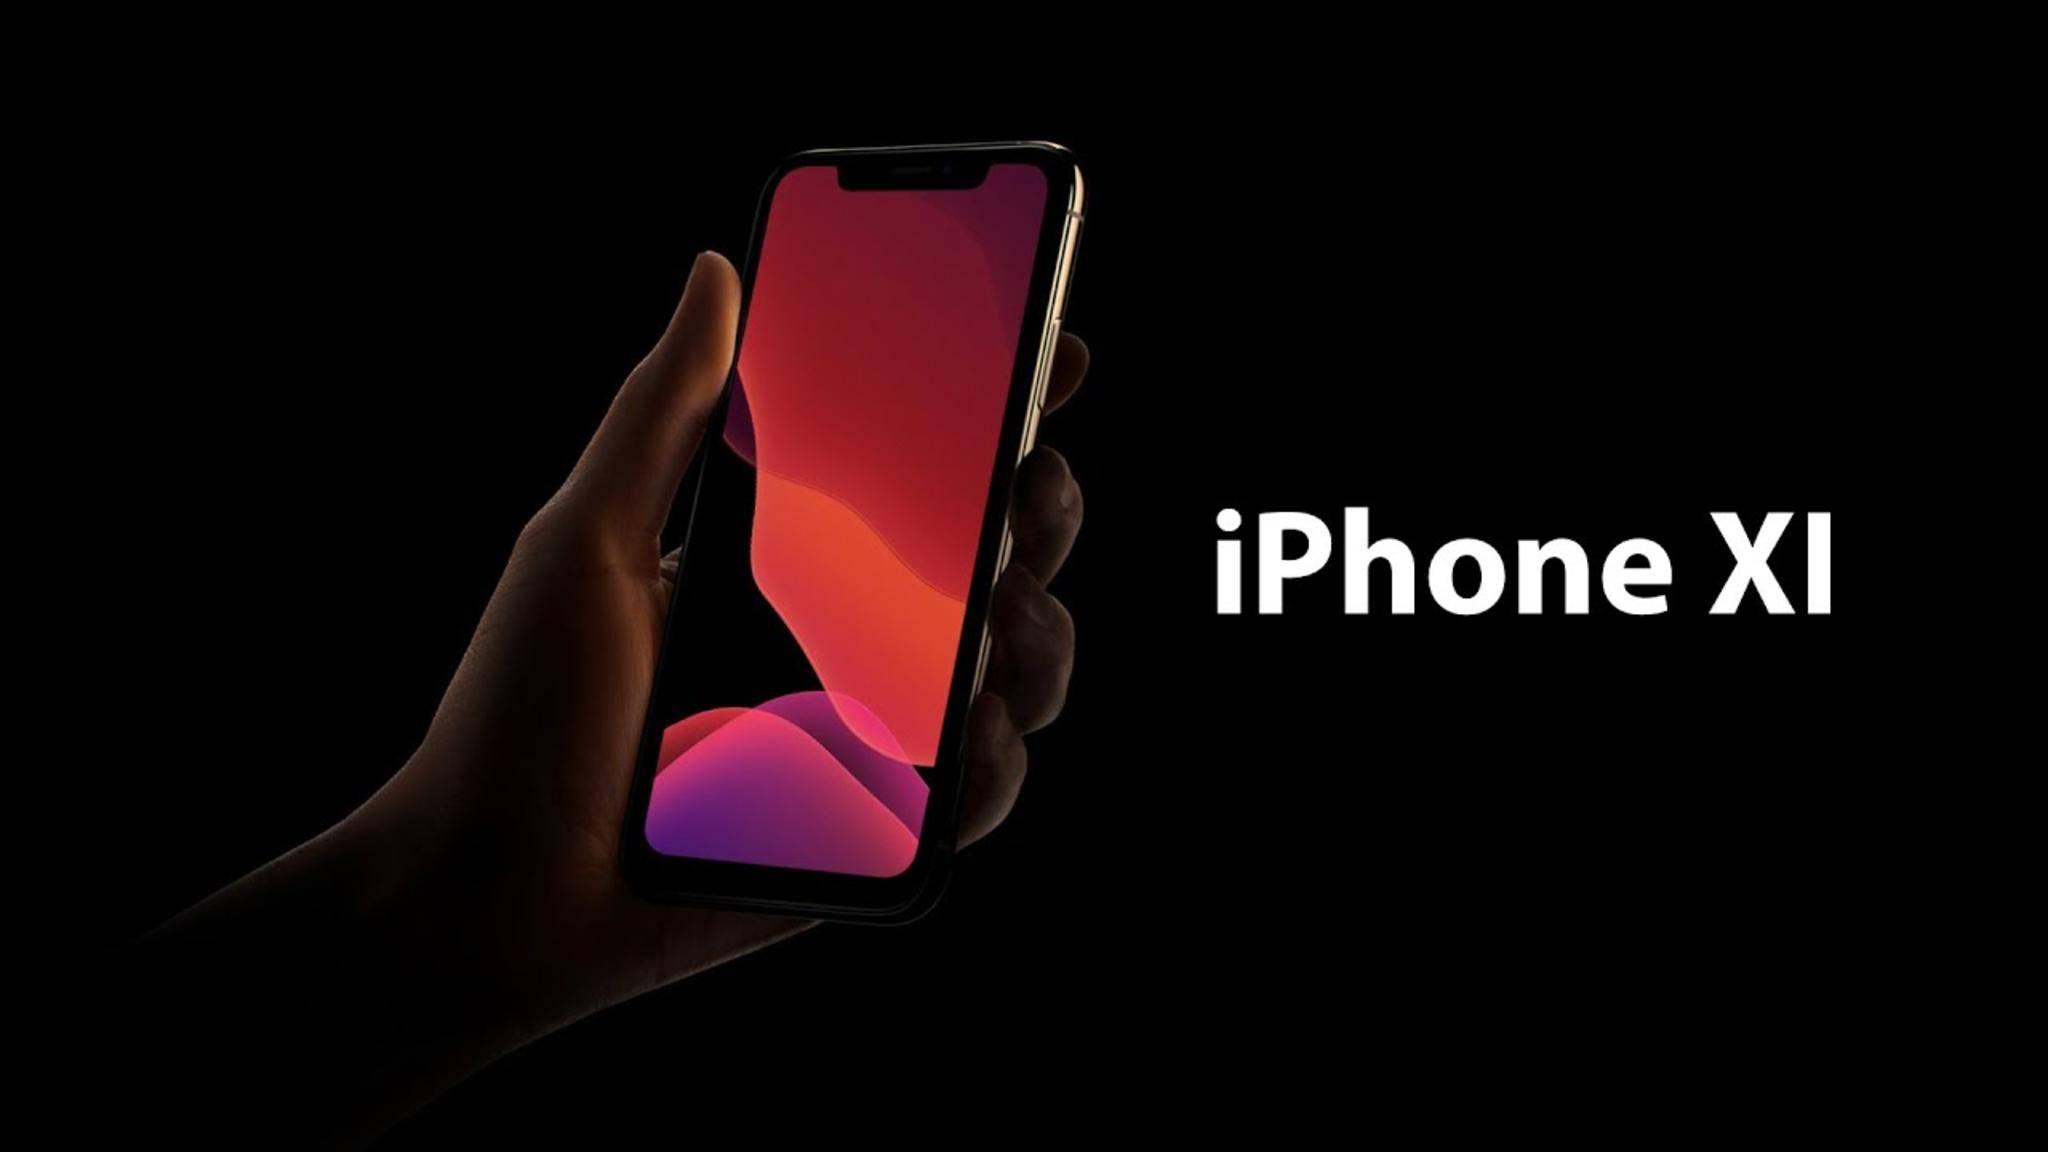 Apple rechnet wohl mit schwachen Verkaufszahlen für die neuen iPhone-Modelle.